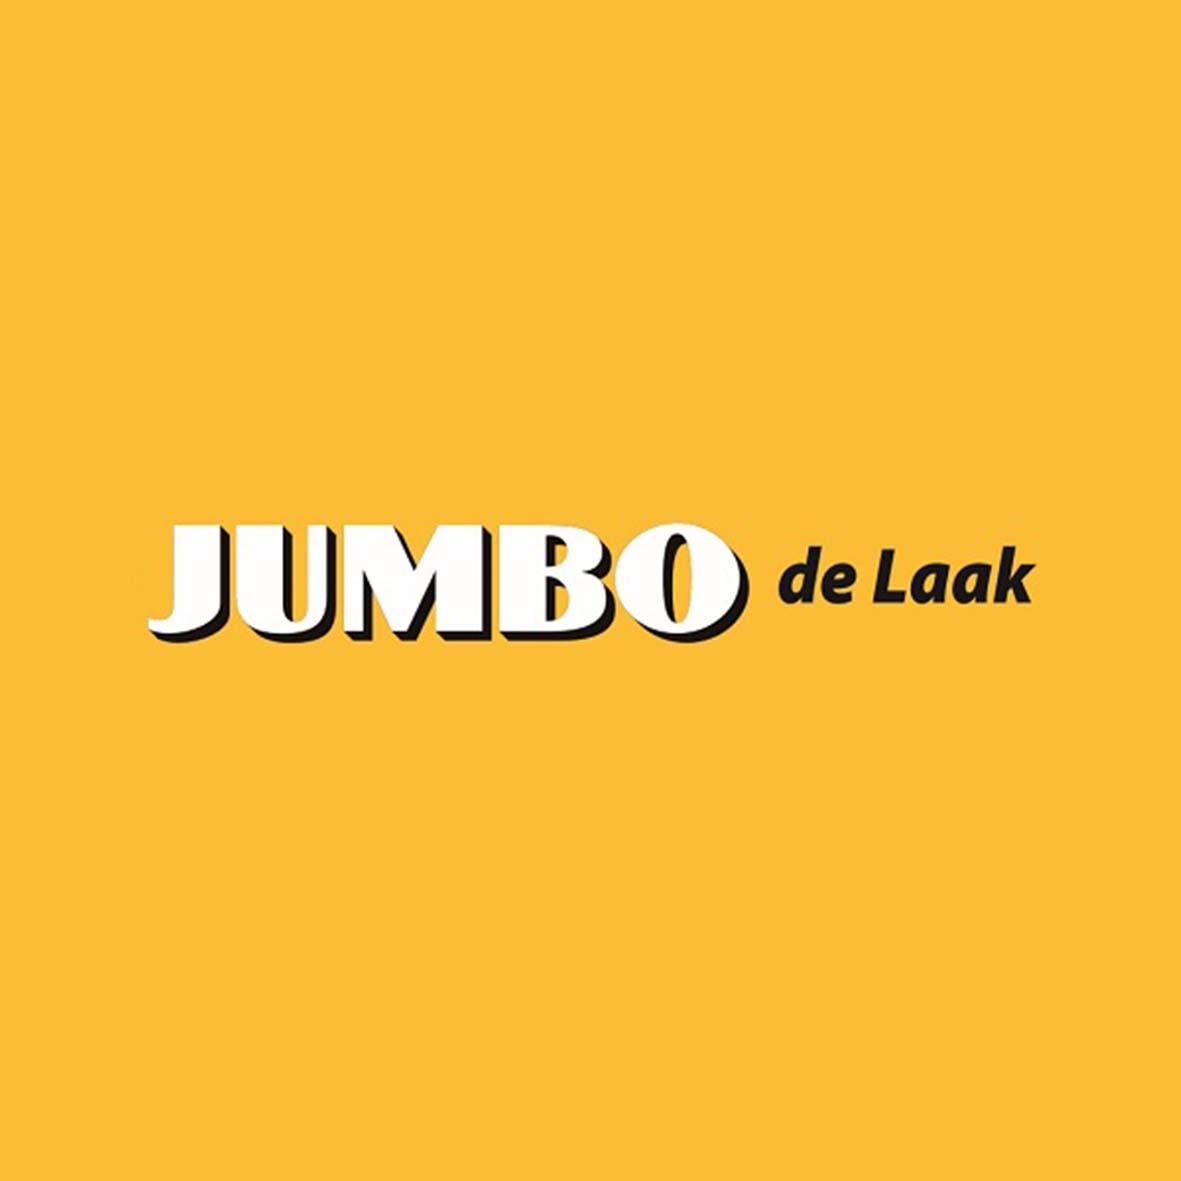 Jumbo_De_Laak